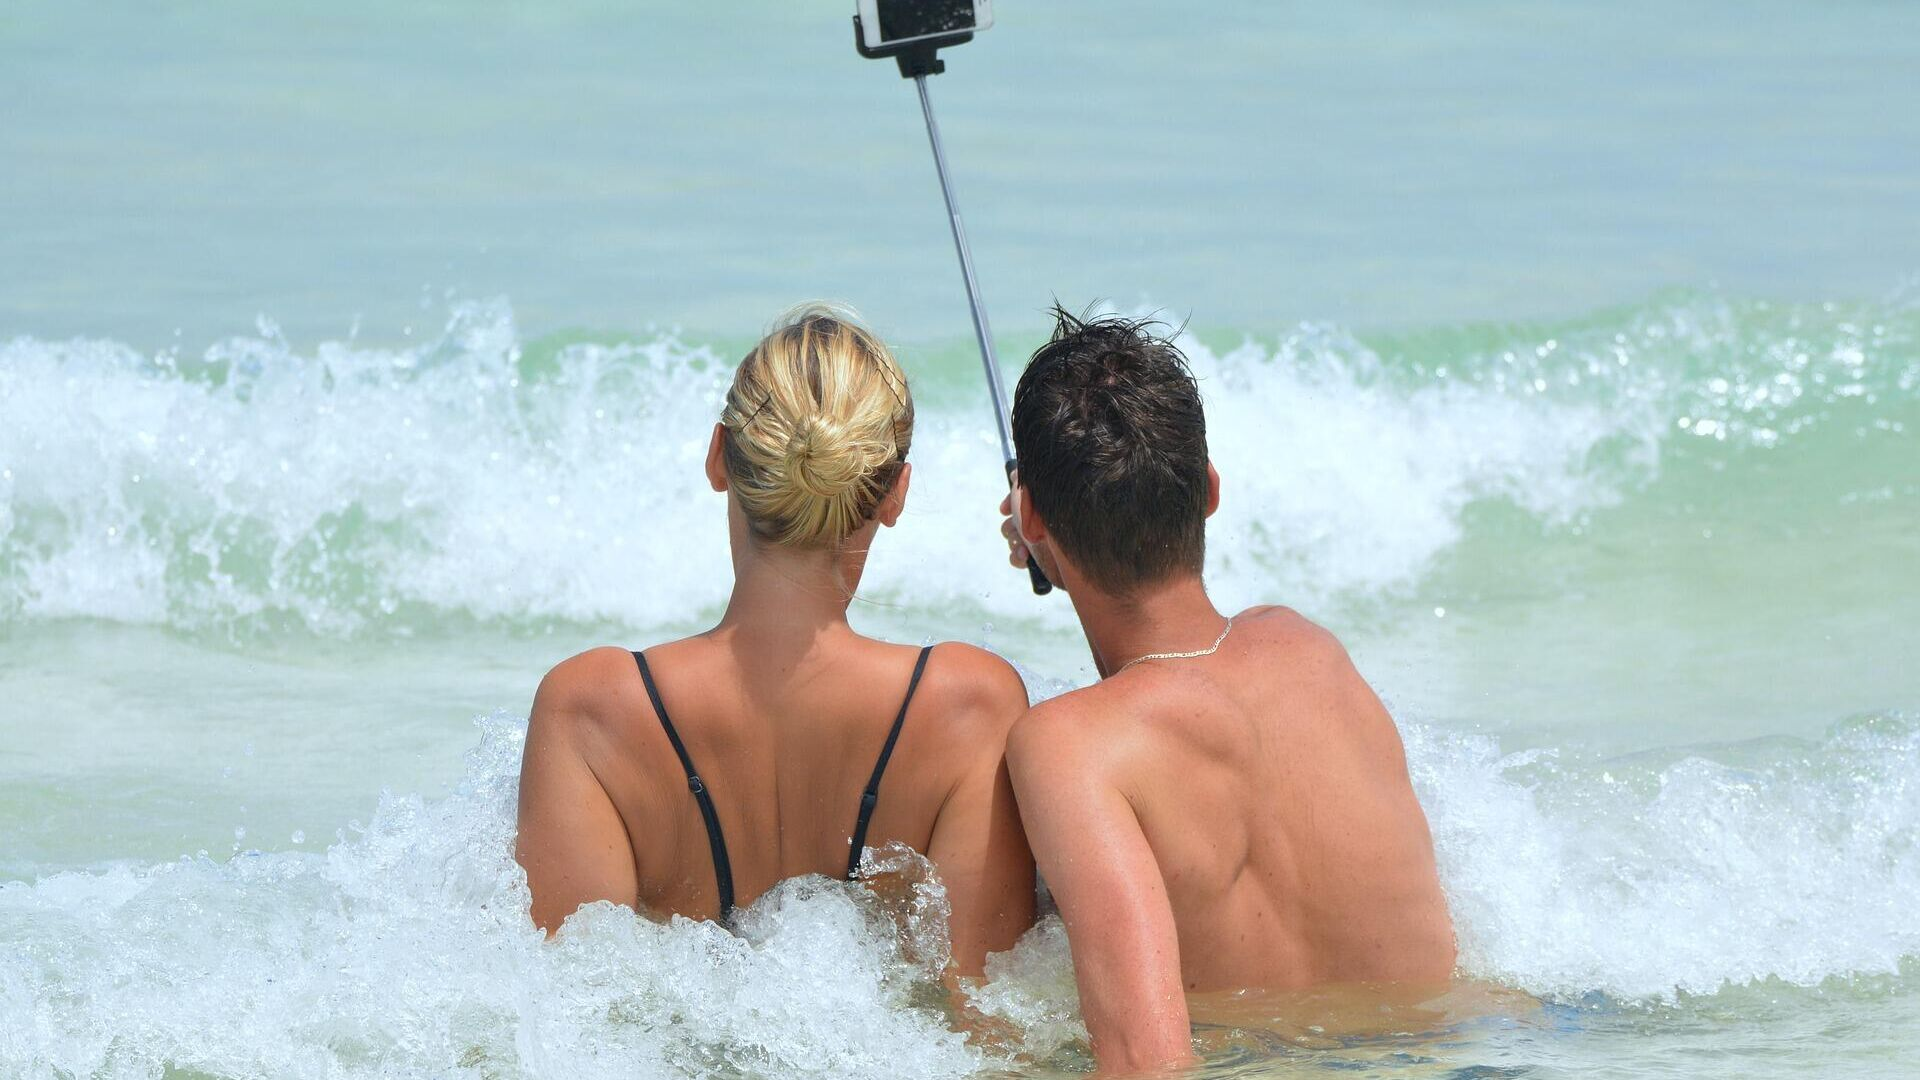 Selfie am Meer (Symbolbild) - SNA, 1920, 16.07.2021